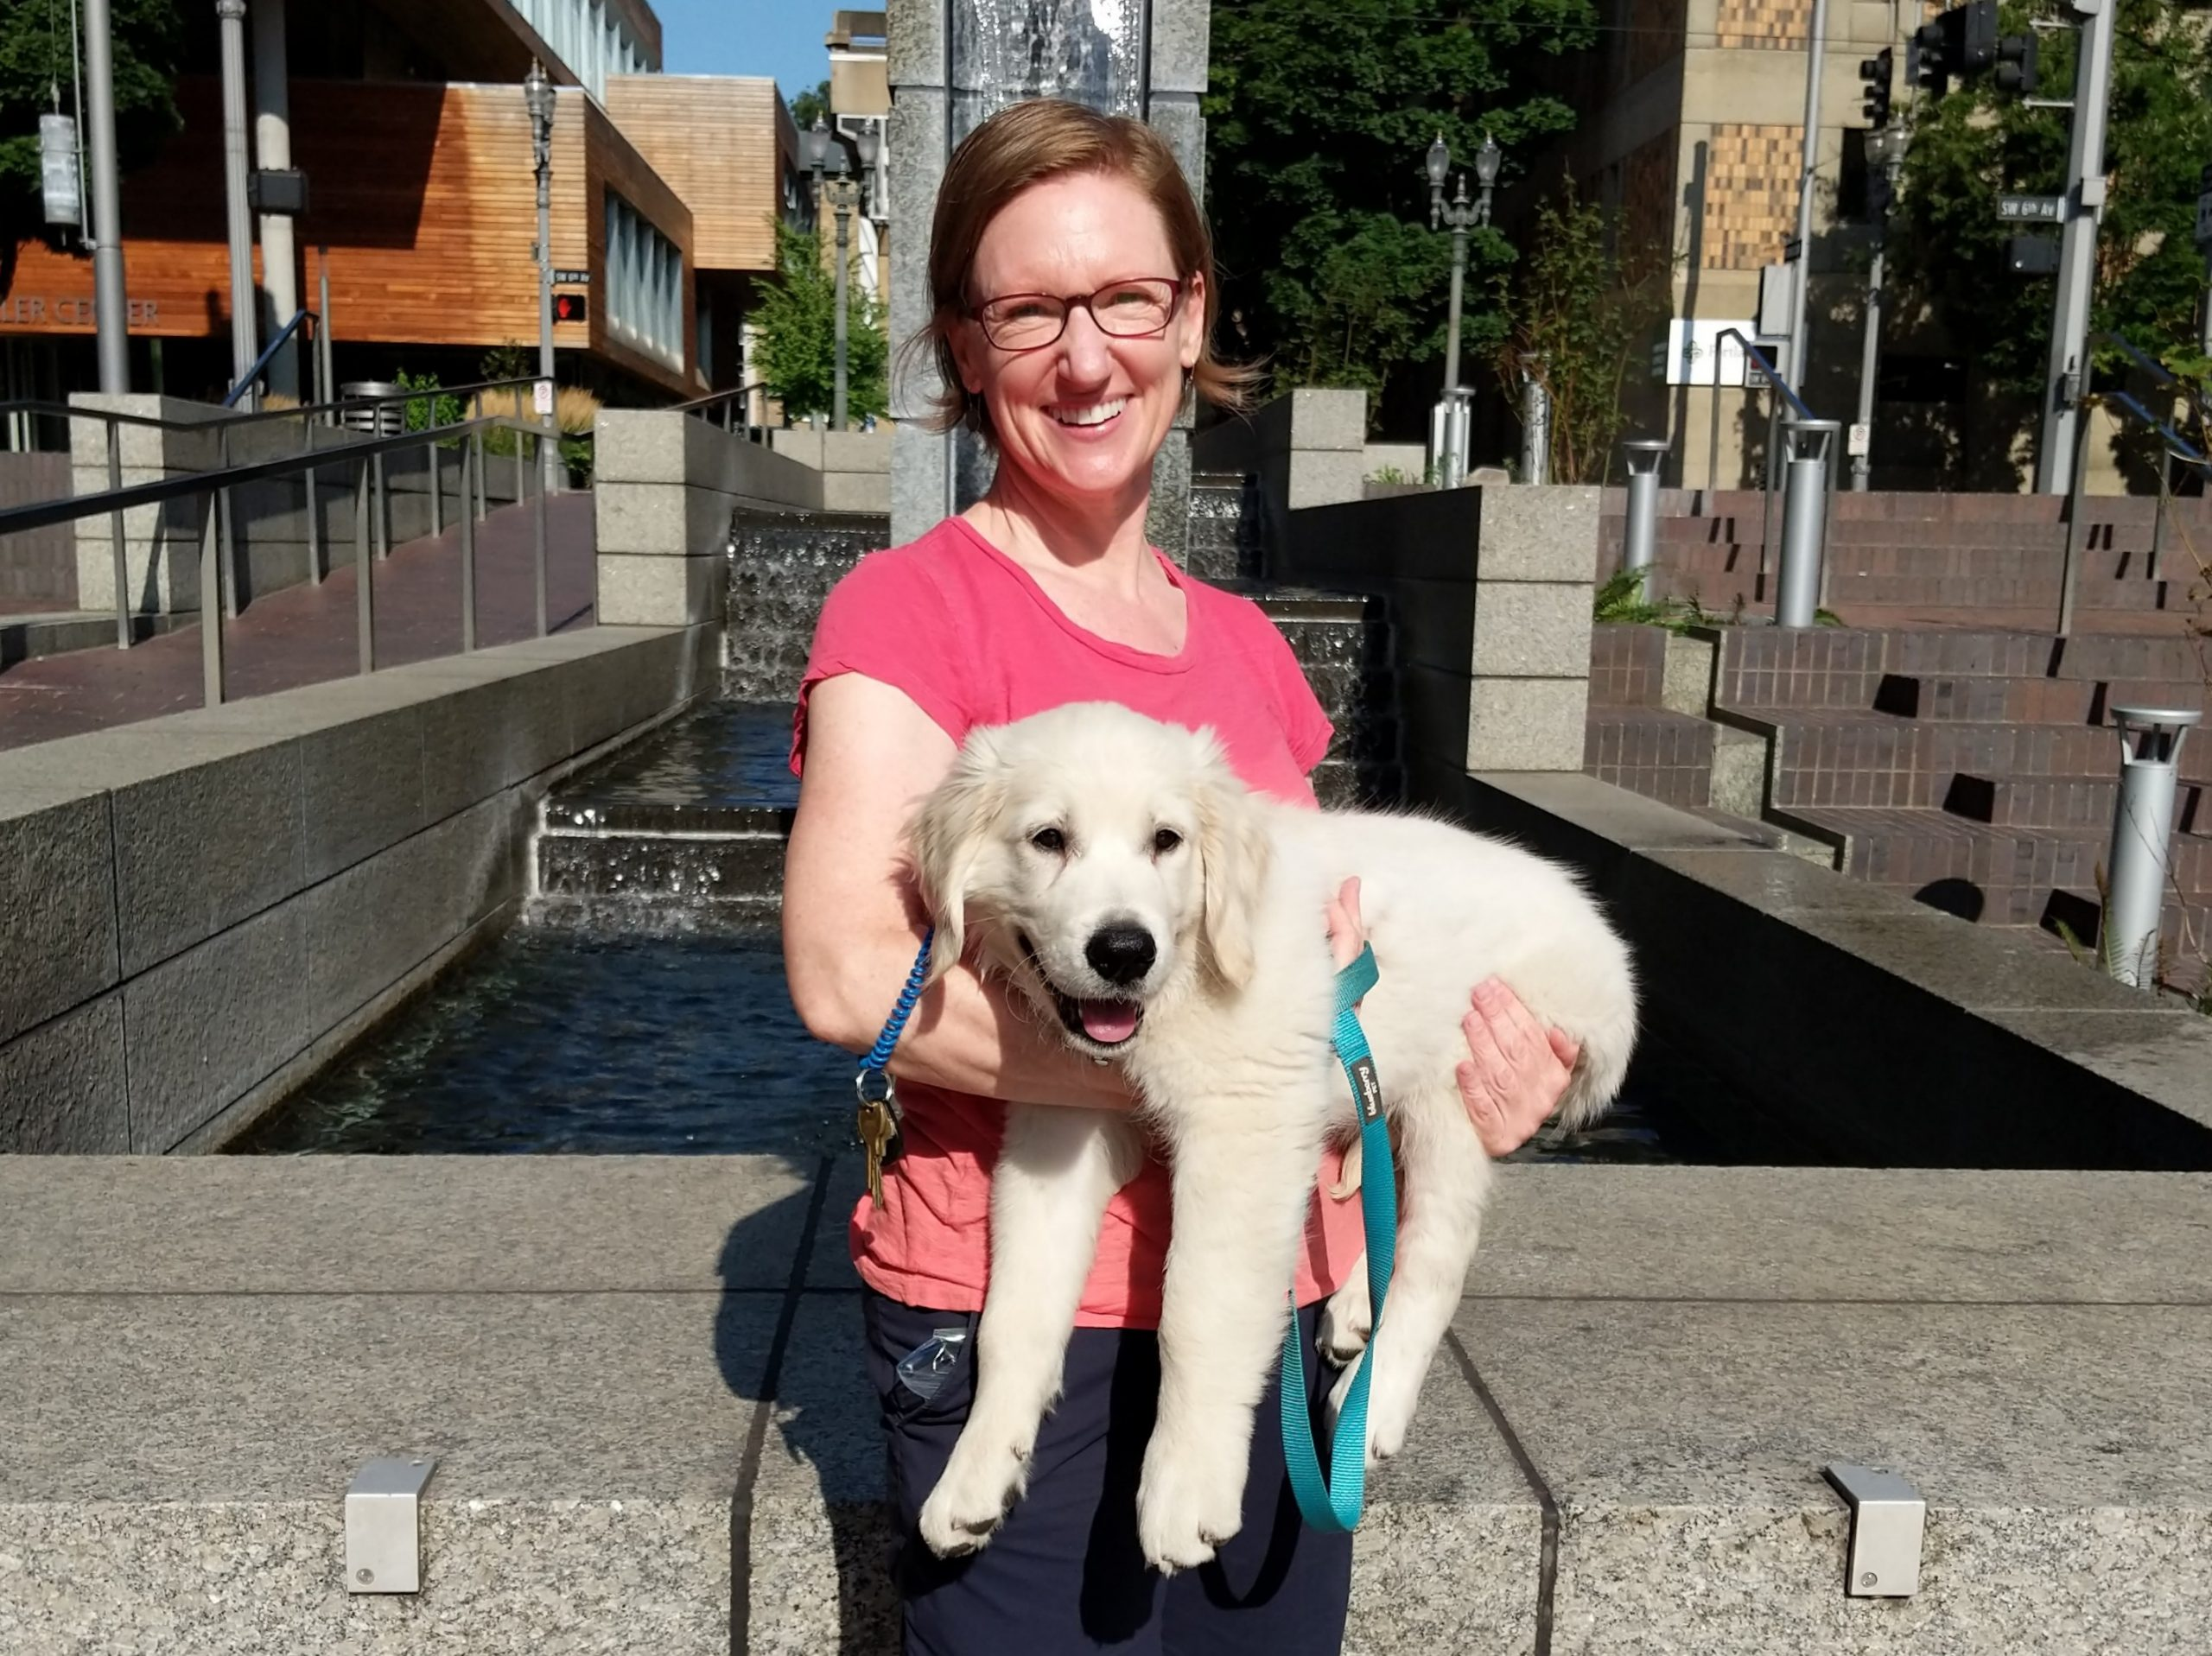 woman holding a golden retriever puppy